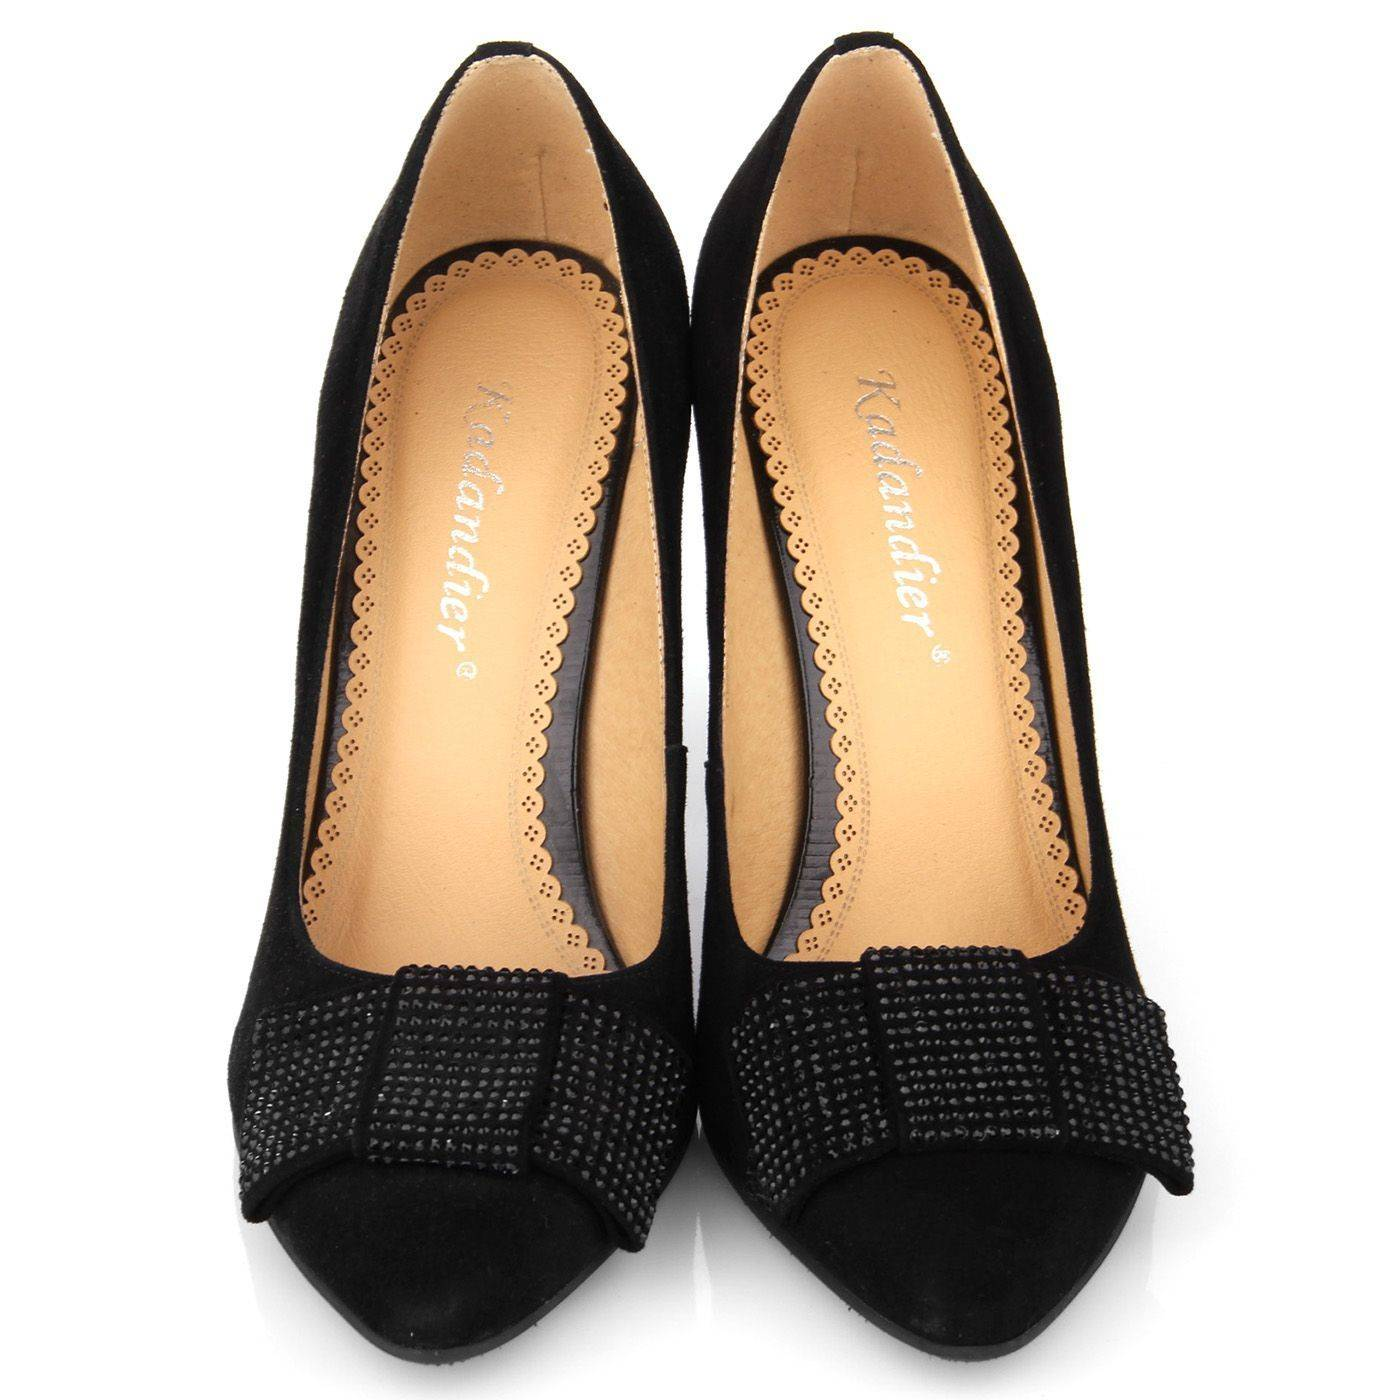 Туфлі жіночі Kadandier 3373 Чорний купить по выгодной цене в ... be9ca3f9886a6